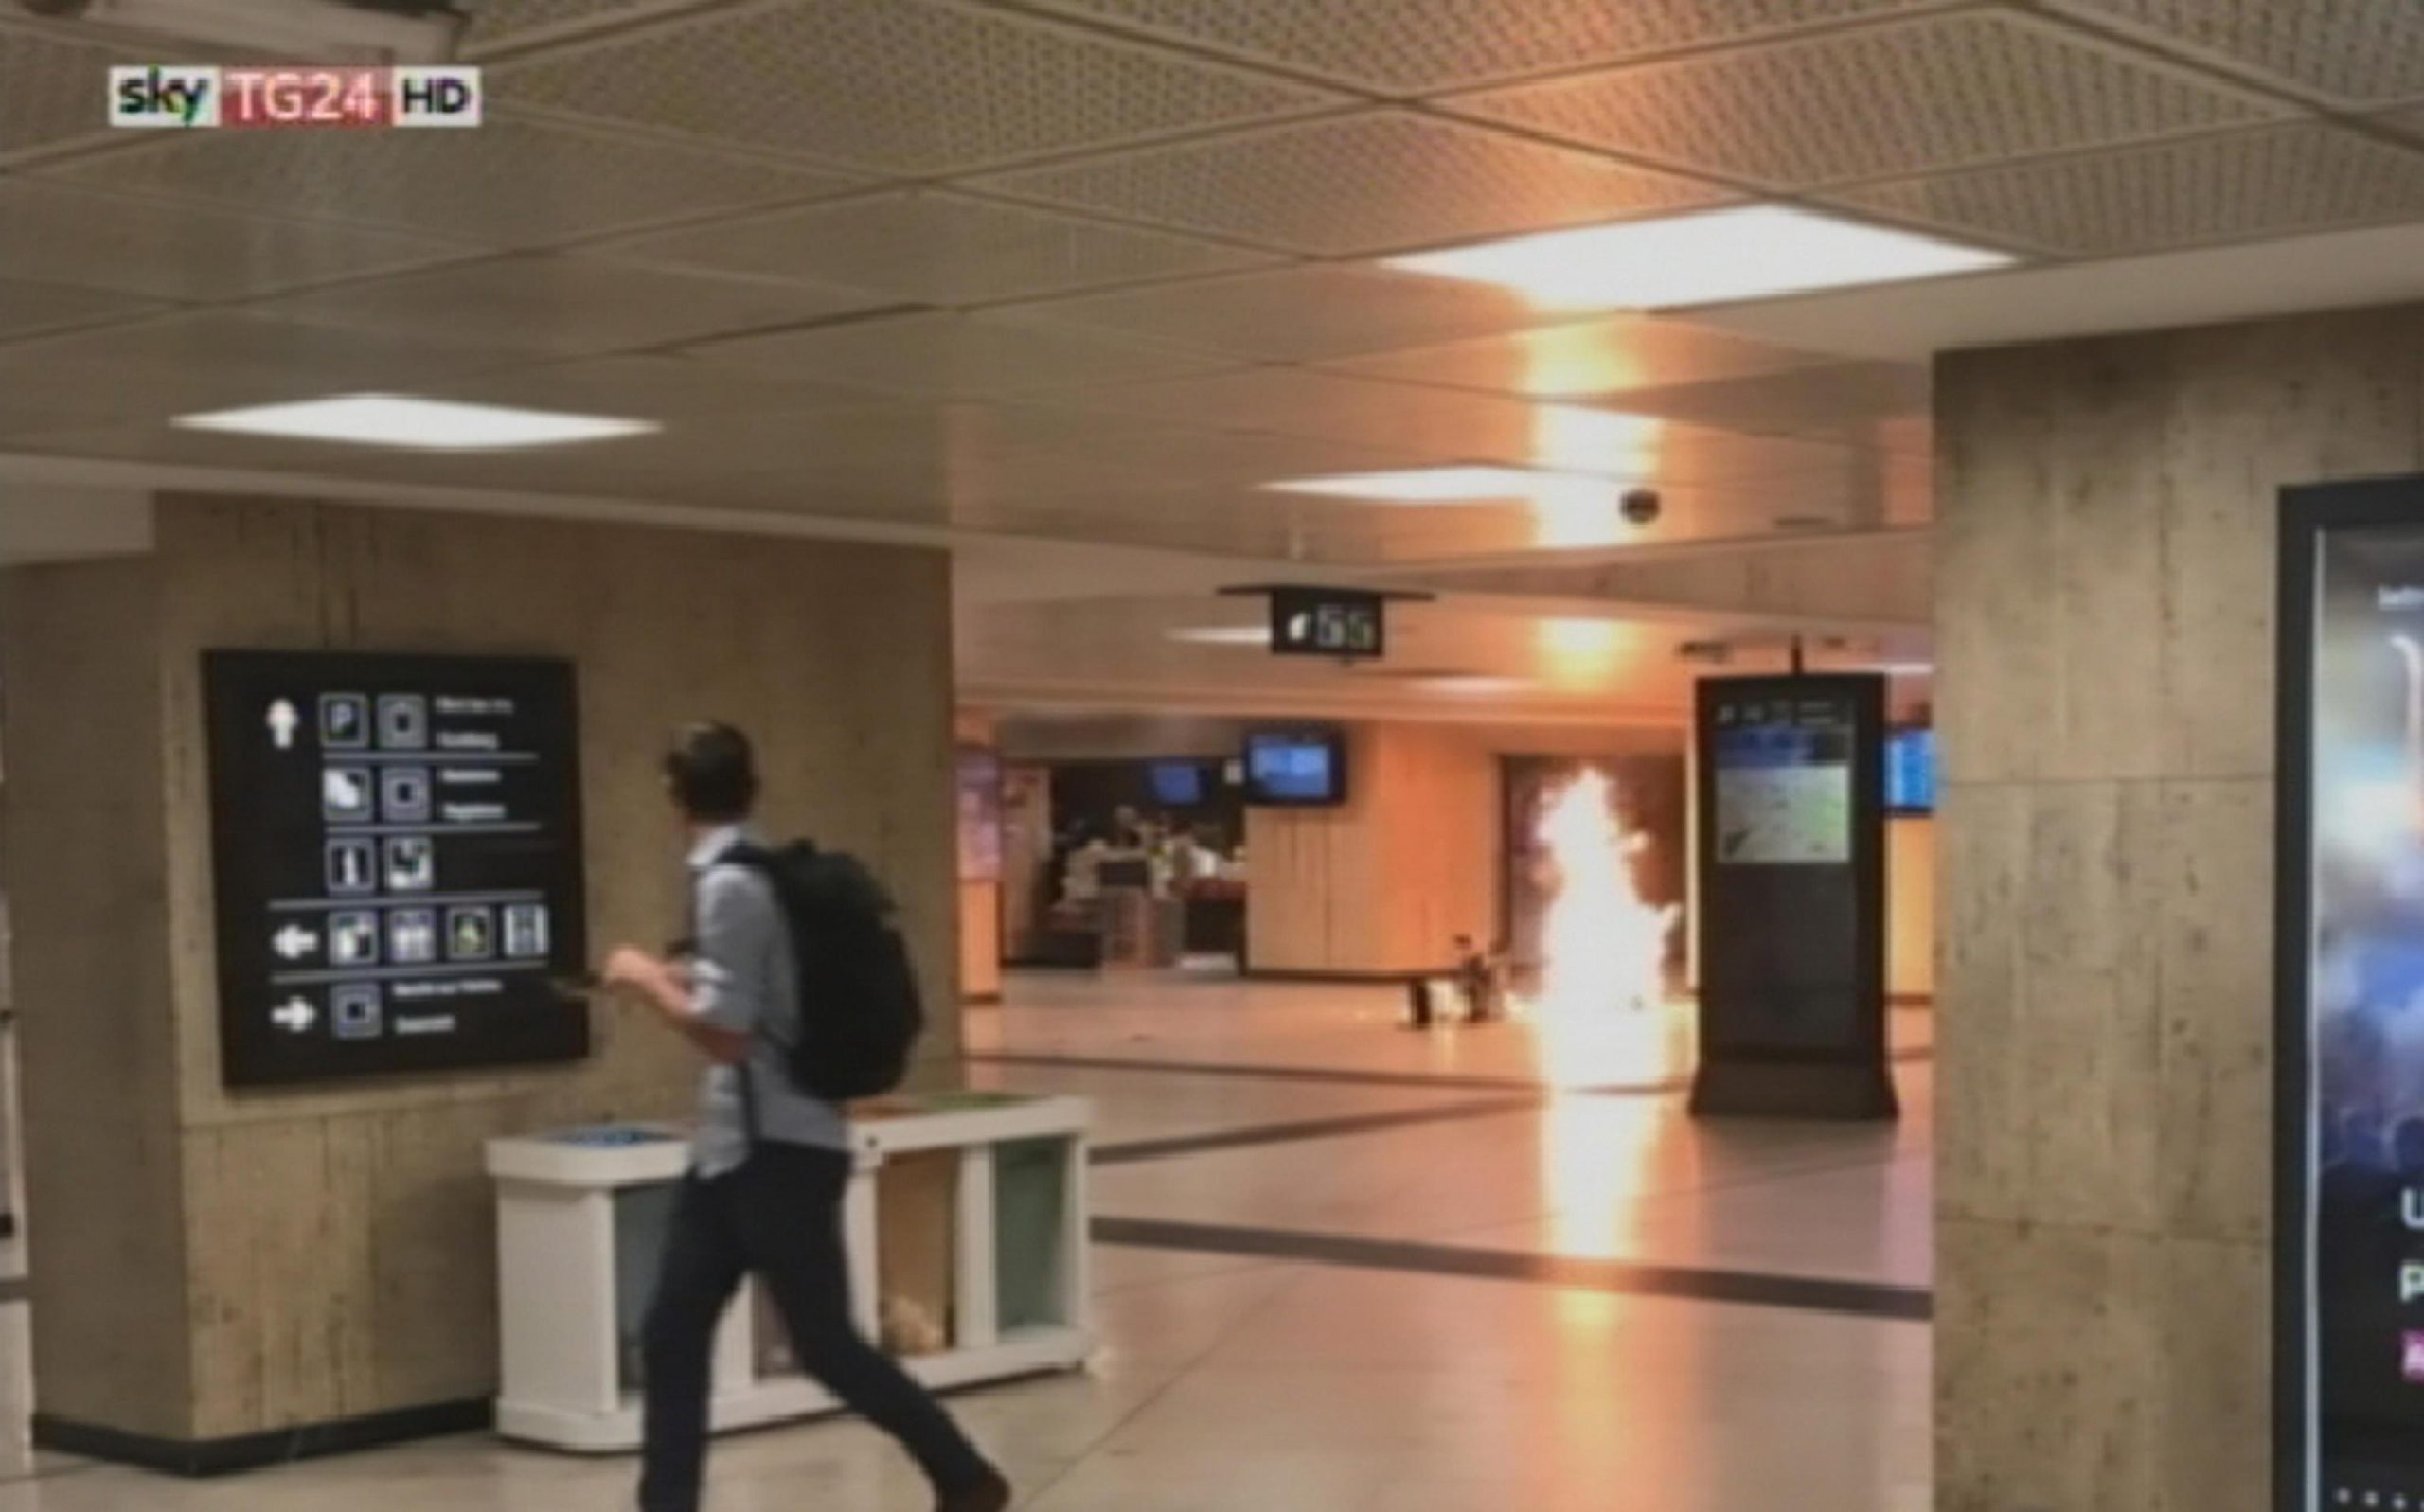 Bruxelles: traffico ferroviario bloccato